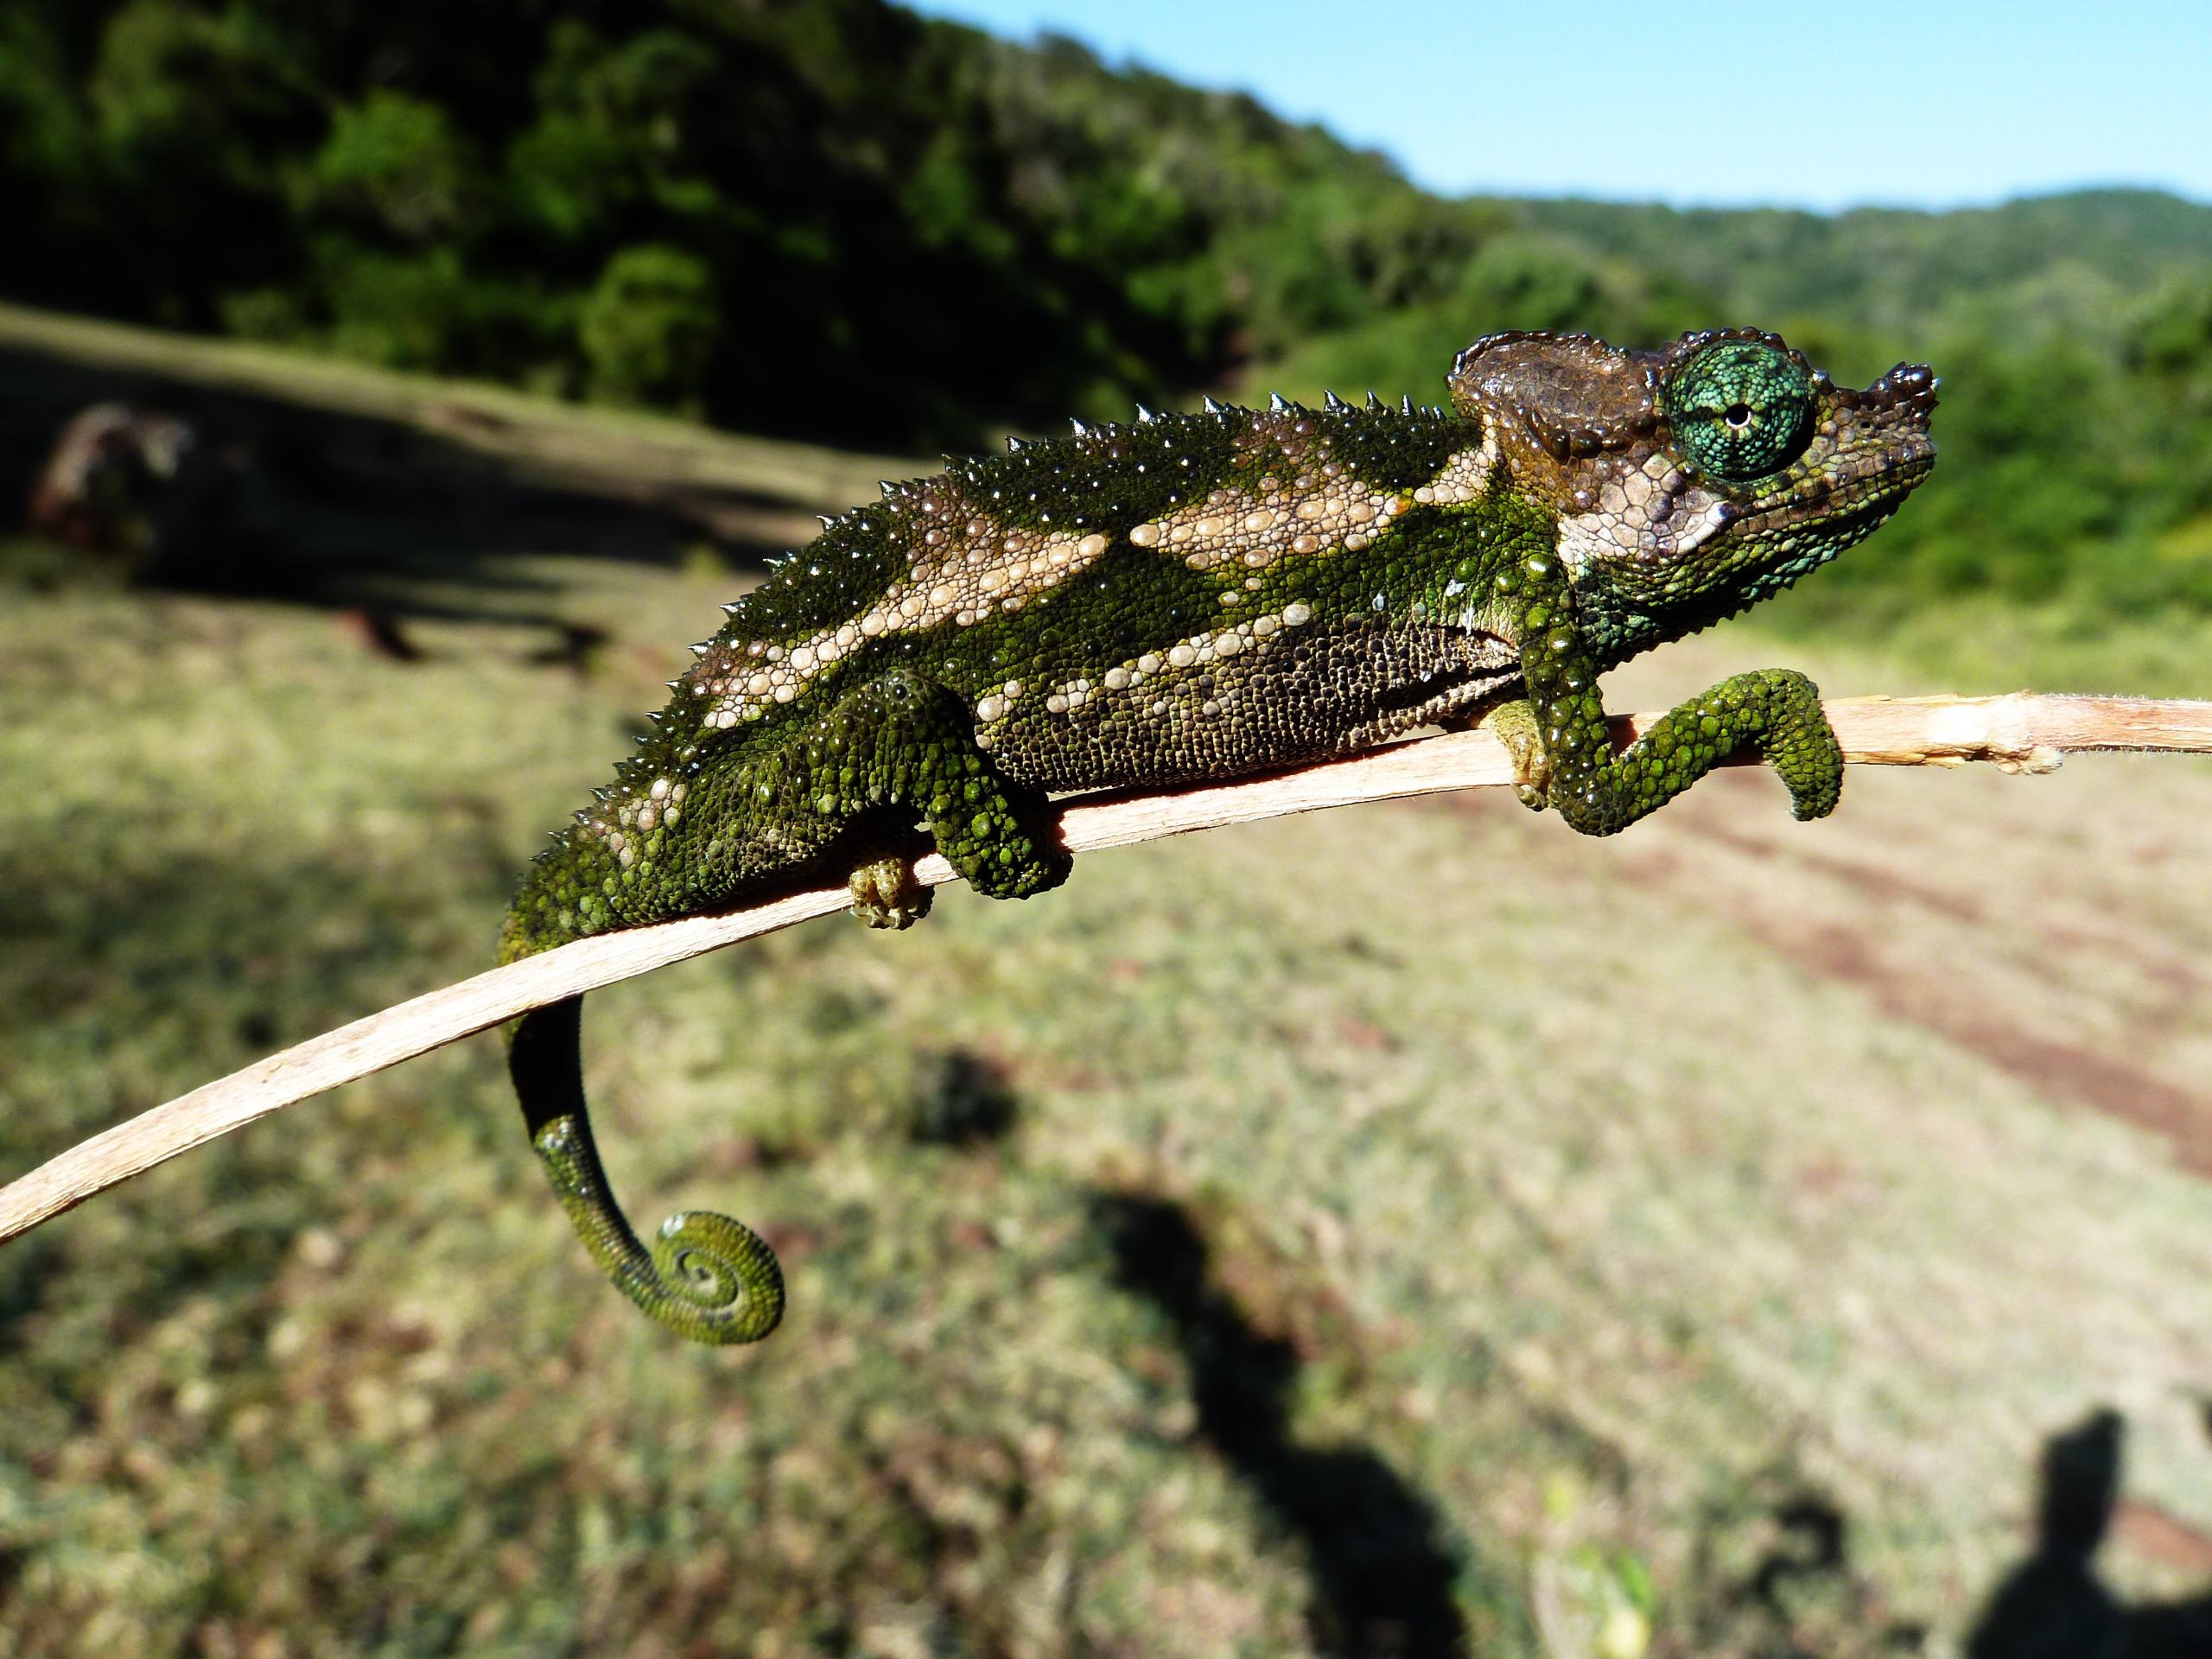 Druh plaza dlhodobo sa vyvíjajúci v podmienkach miestneho lesa. Chameleón s vedeckým názvom Chamaeleo (Trioceros) narraioca z čeľade Chamaeleonidae.